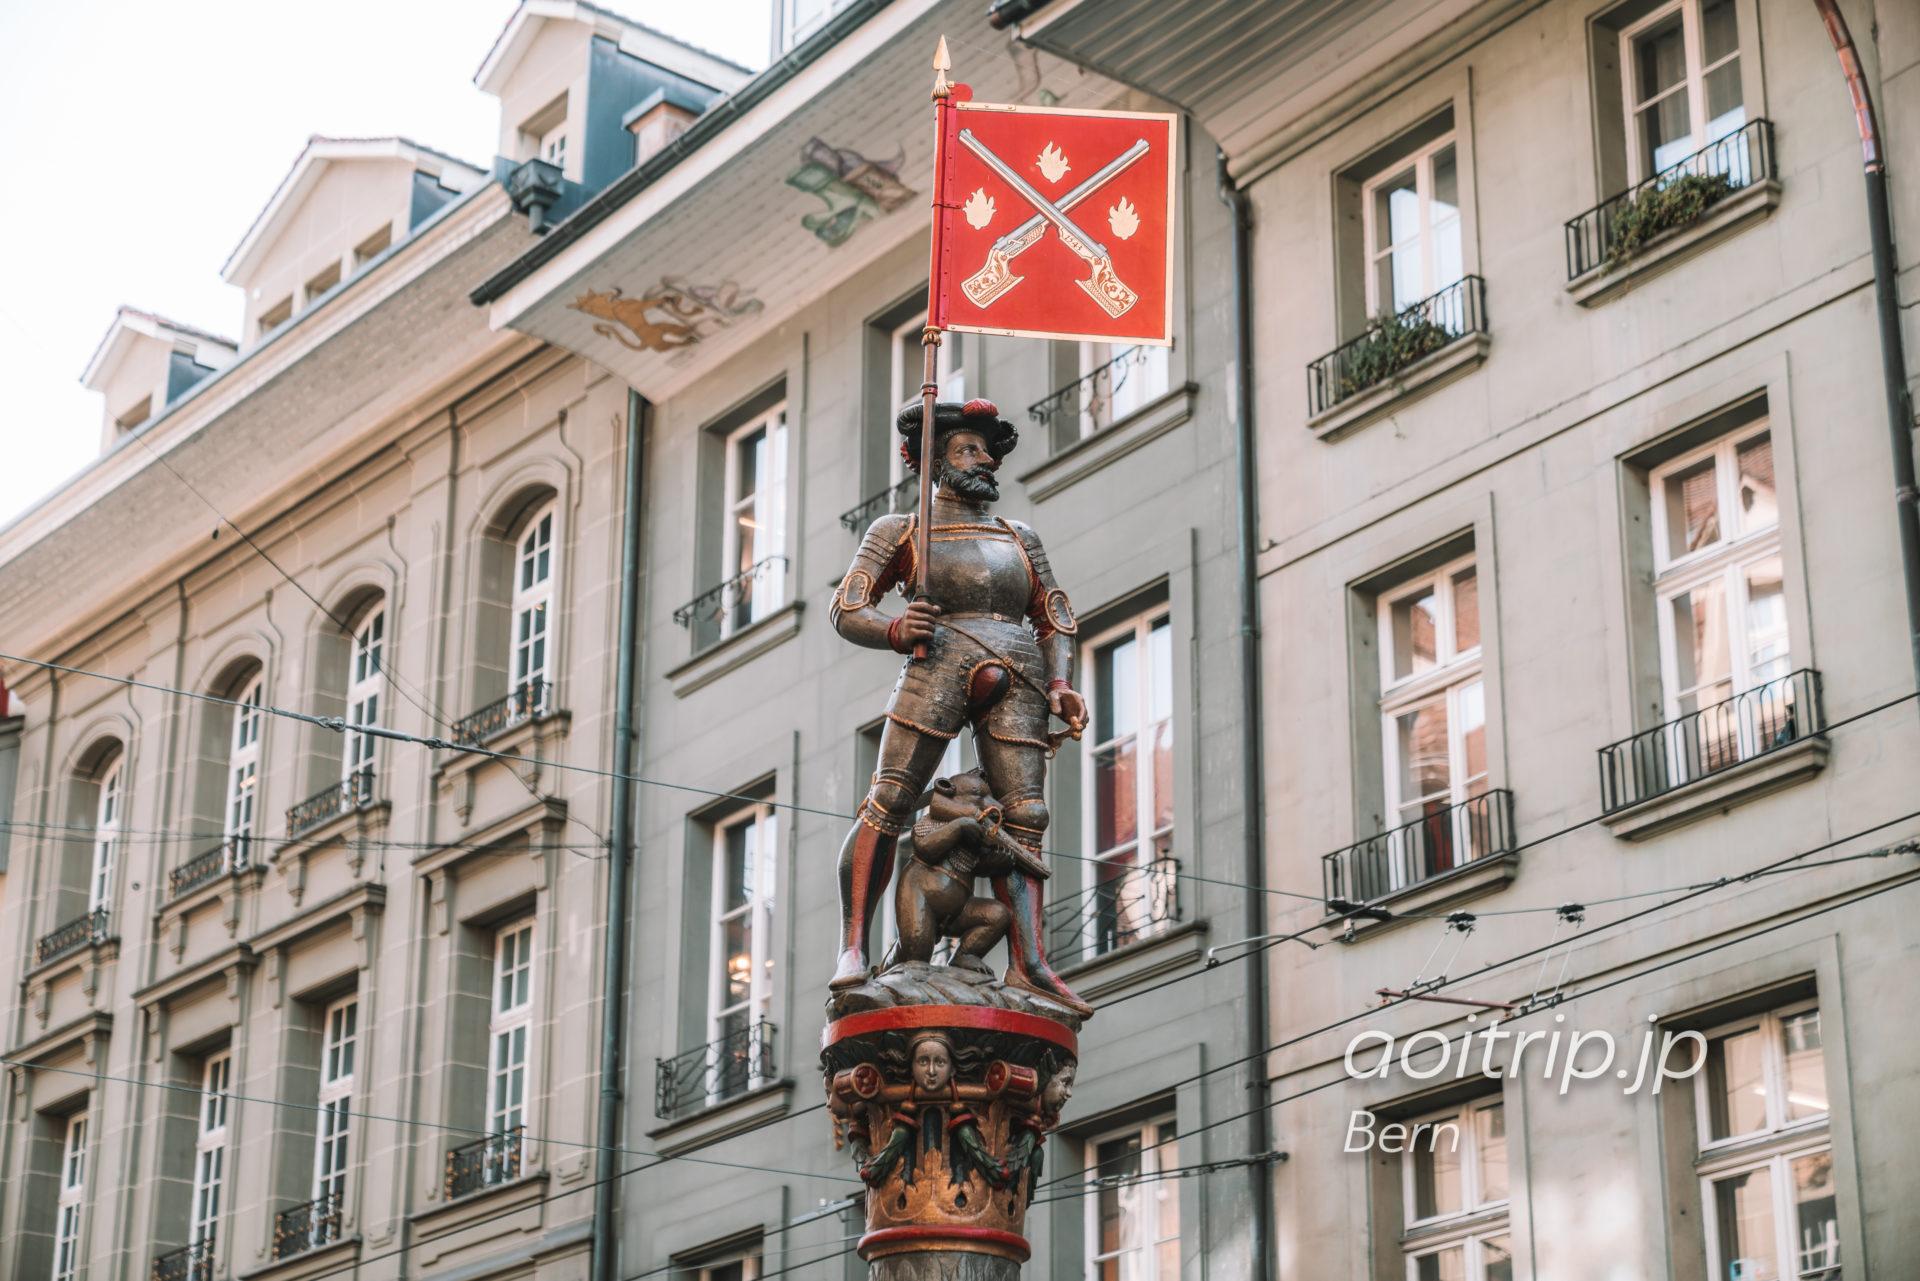 ベルンの噴水 射手の泉(独:Schützenbrunnen 英:Musketeer Fountain)